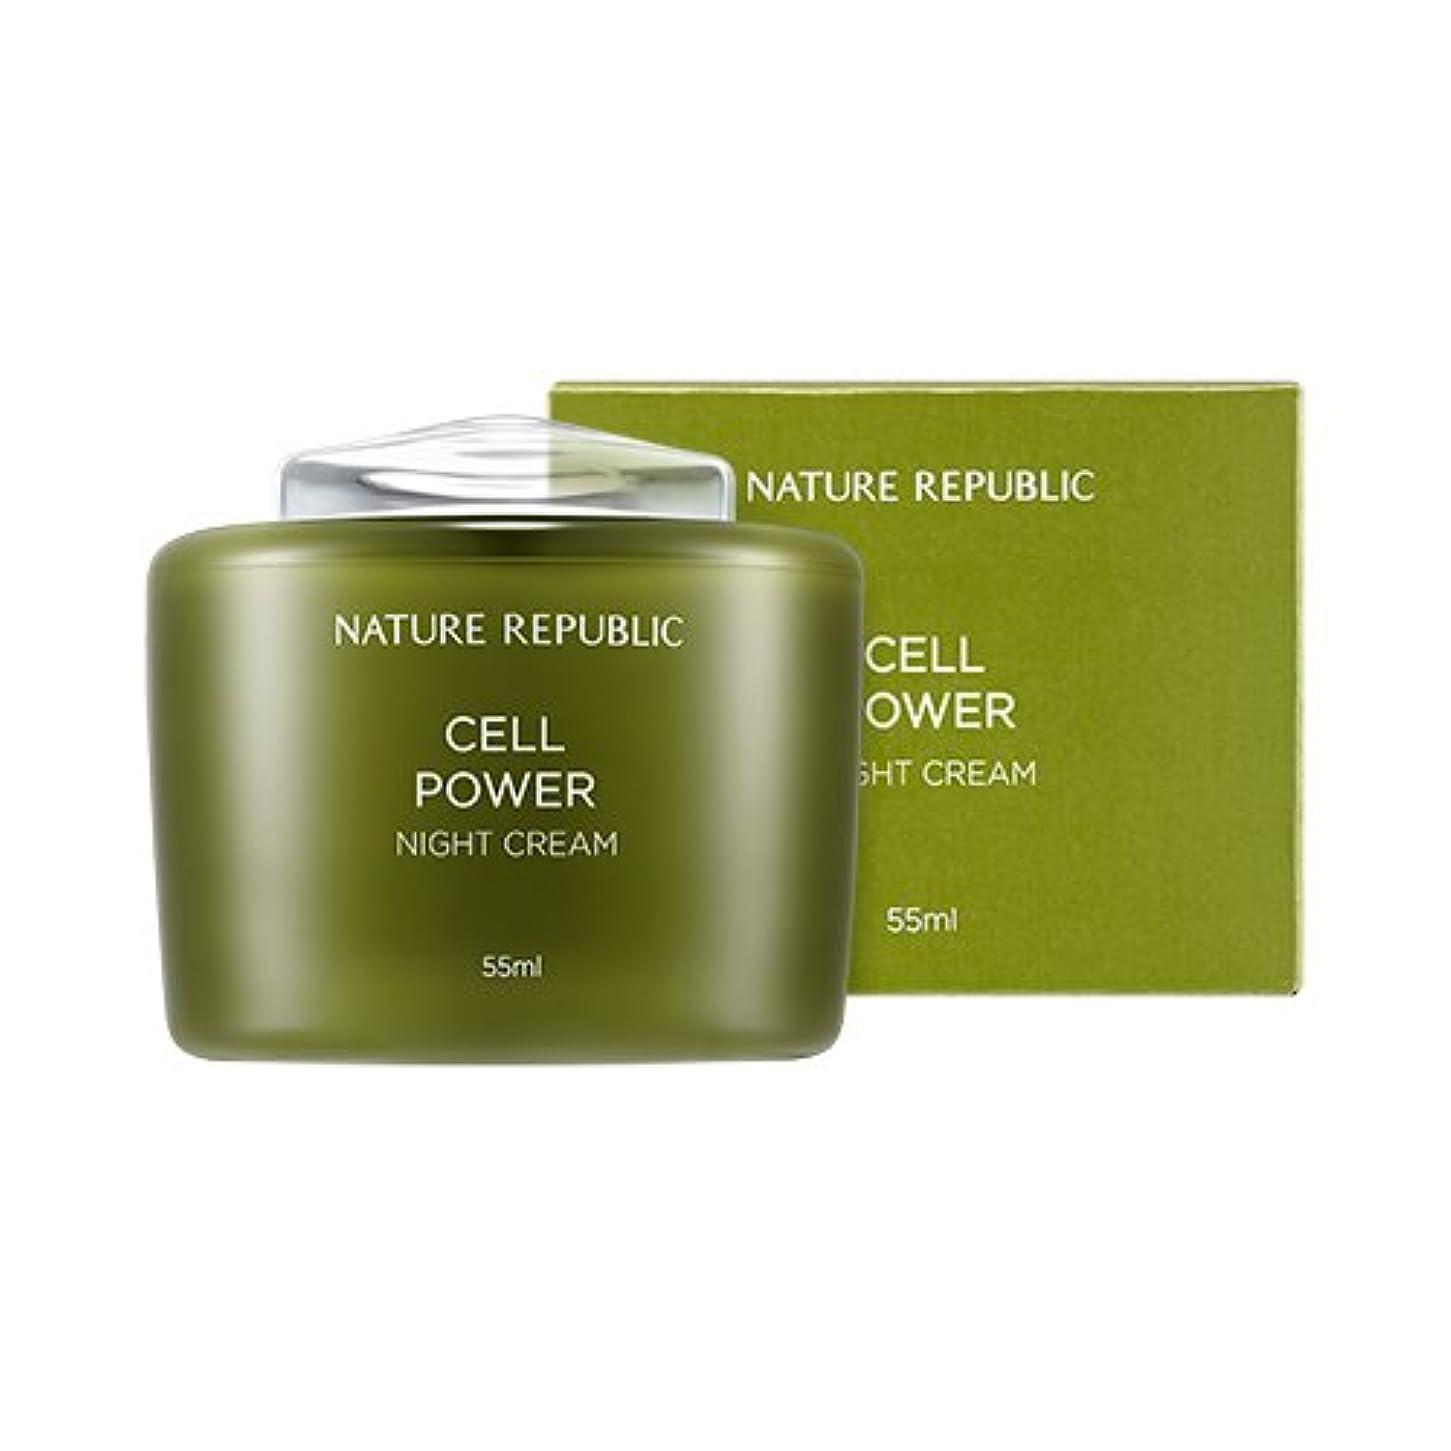 湖全体にストローNature Republic Cell Power Night Cream ネイチャーリパブリックセルパワーナイトクリーム [並行輸入品]